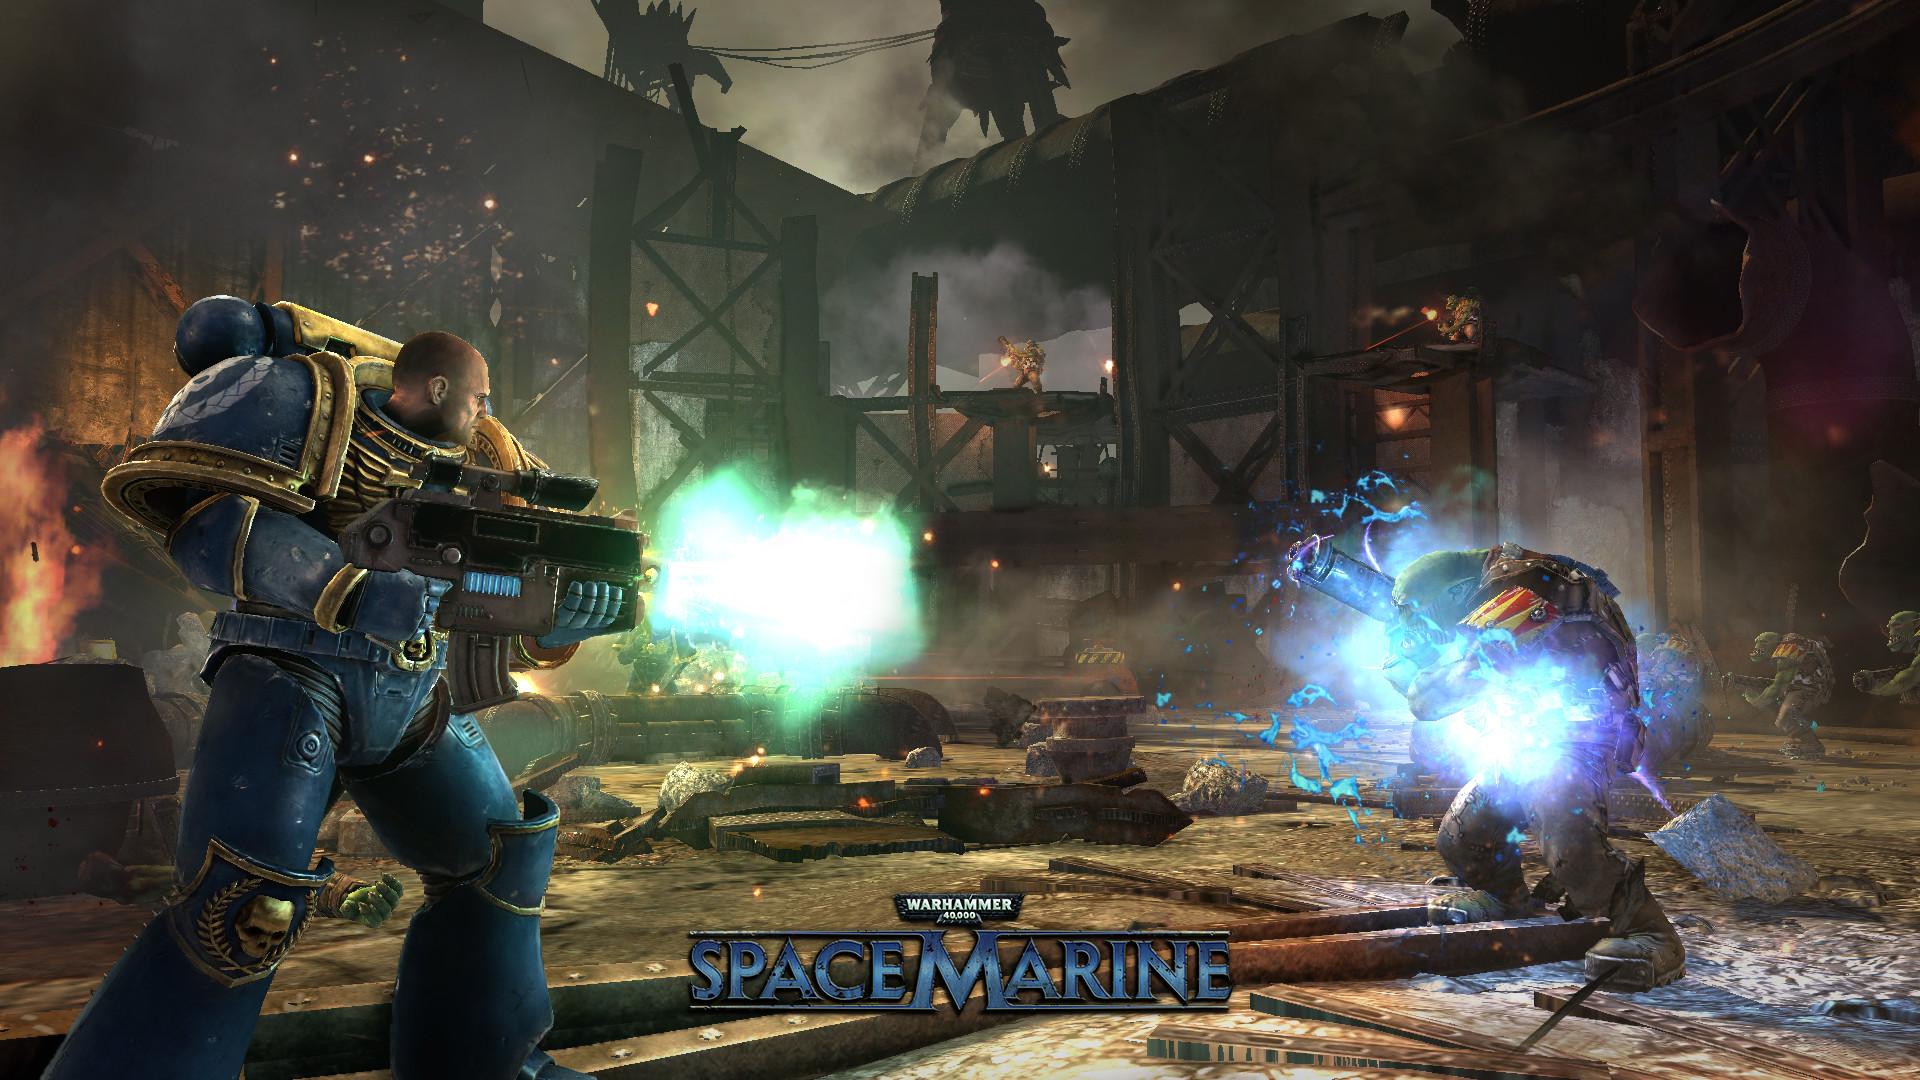 Warhammer 40000 Space Marine On Steam Hacks And Mods Computer Case 40k